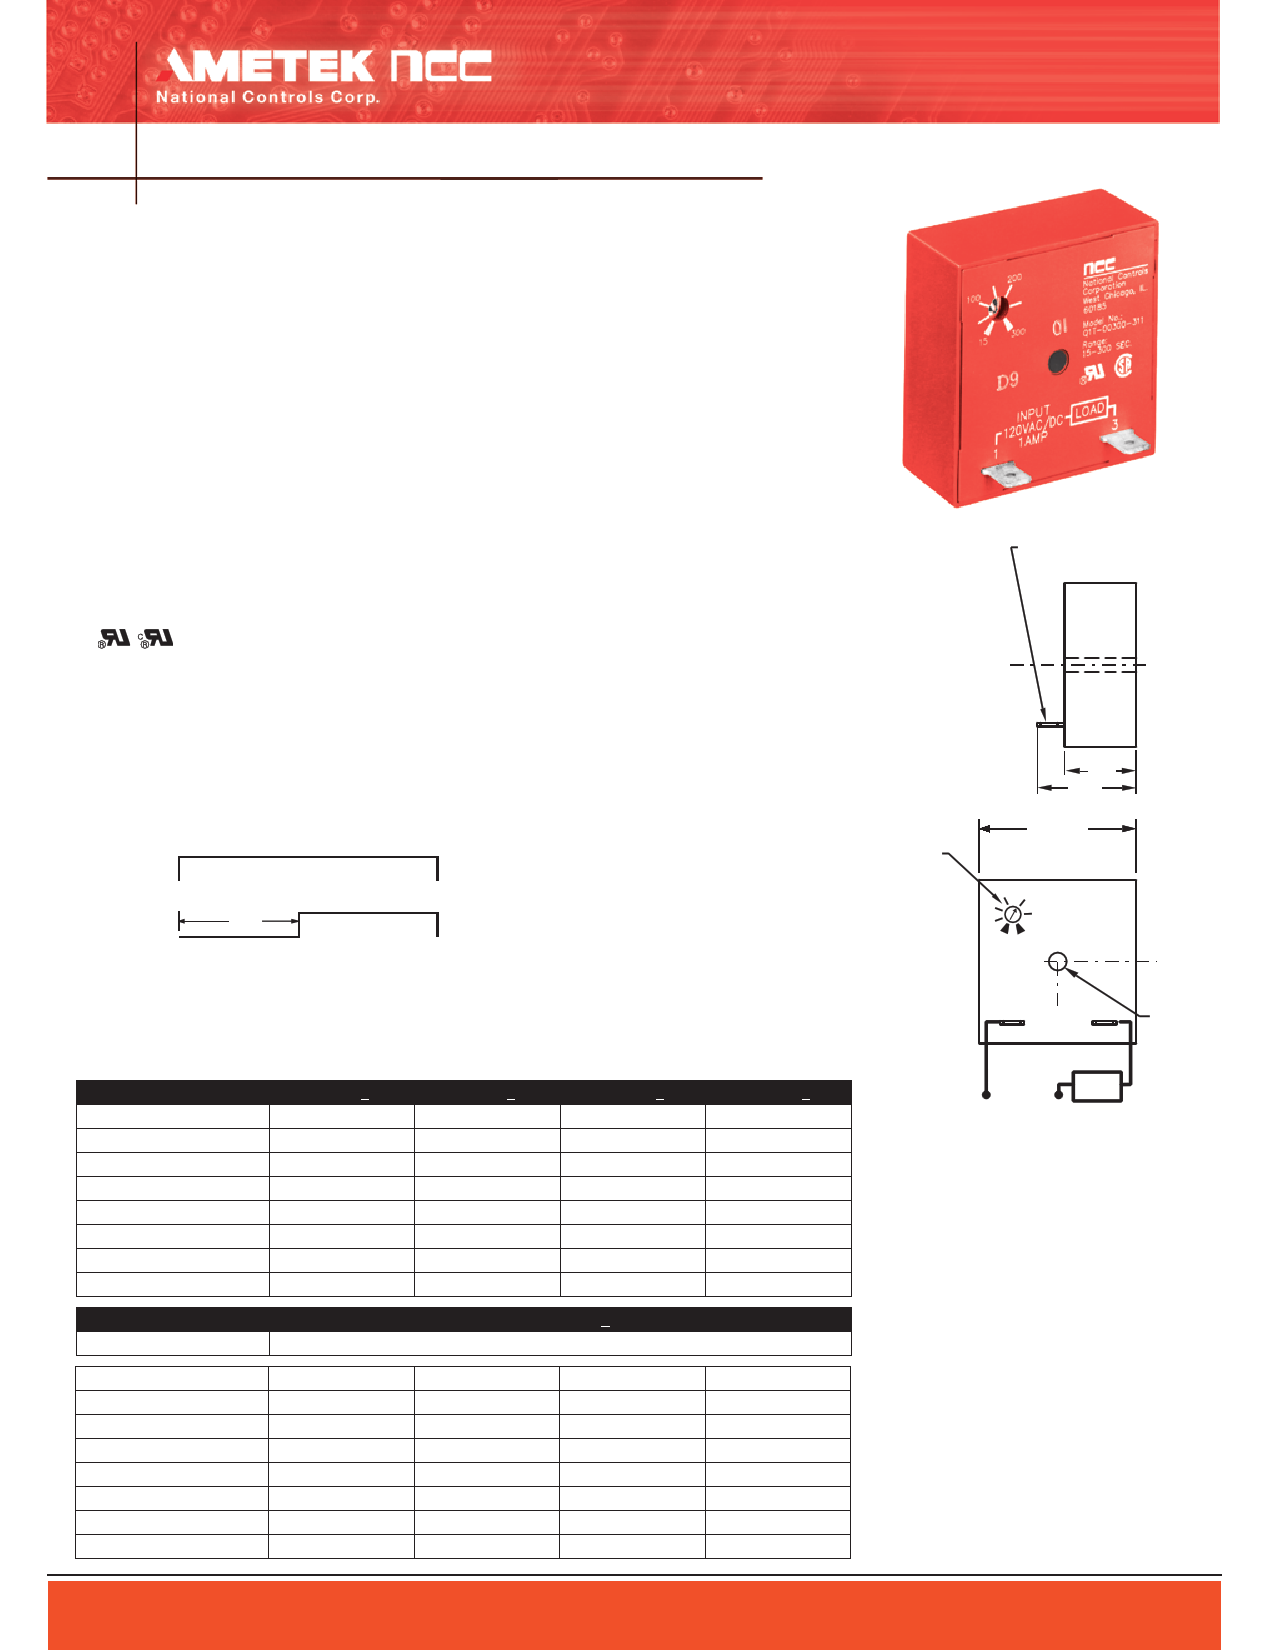 Q1T-00005-316 datasheet